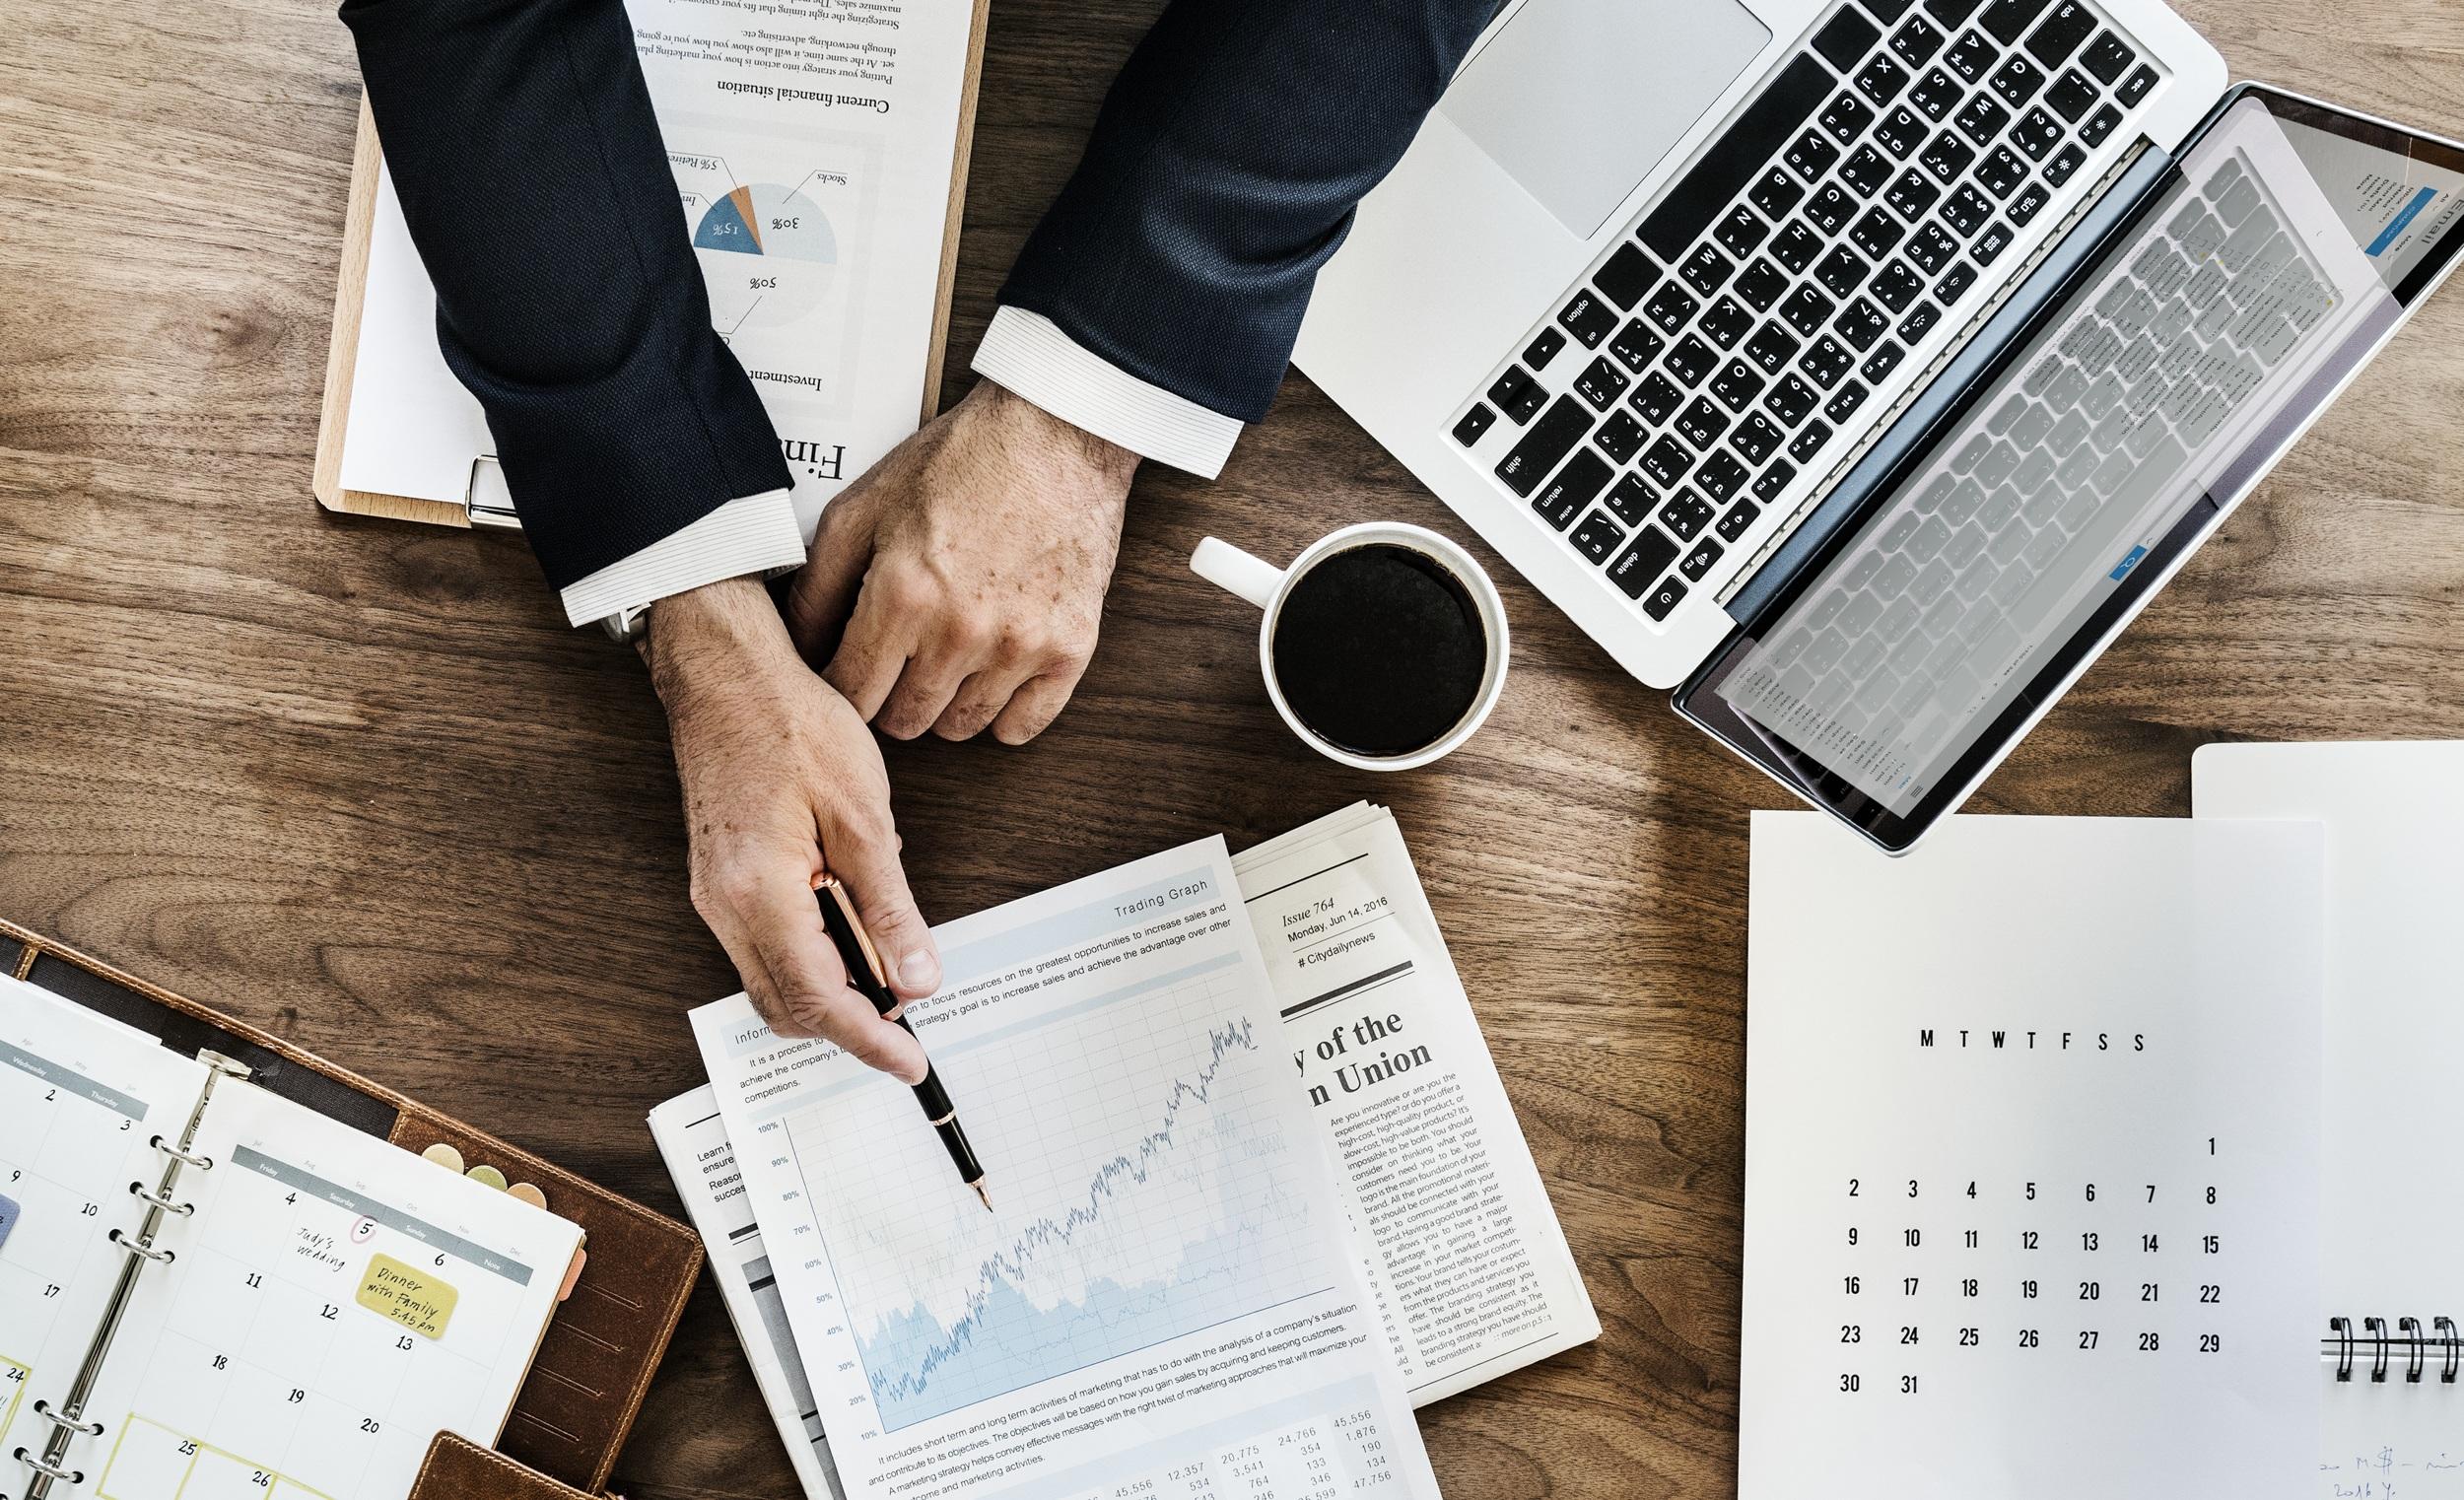 Mitarbeiter motivieren durch die Messung der Employee Experience